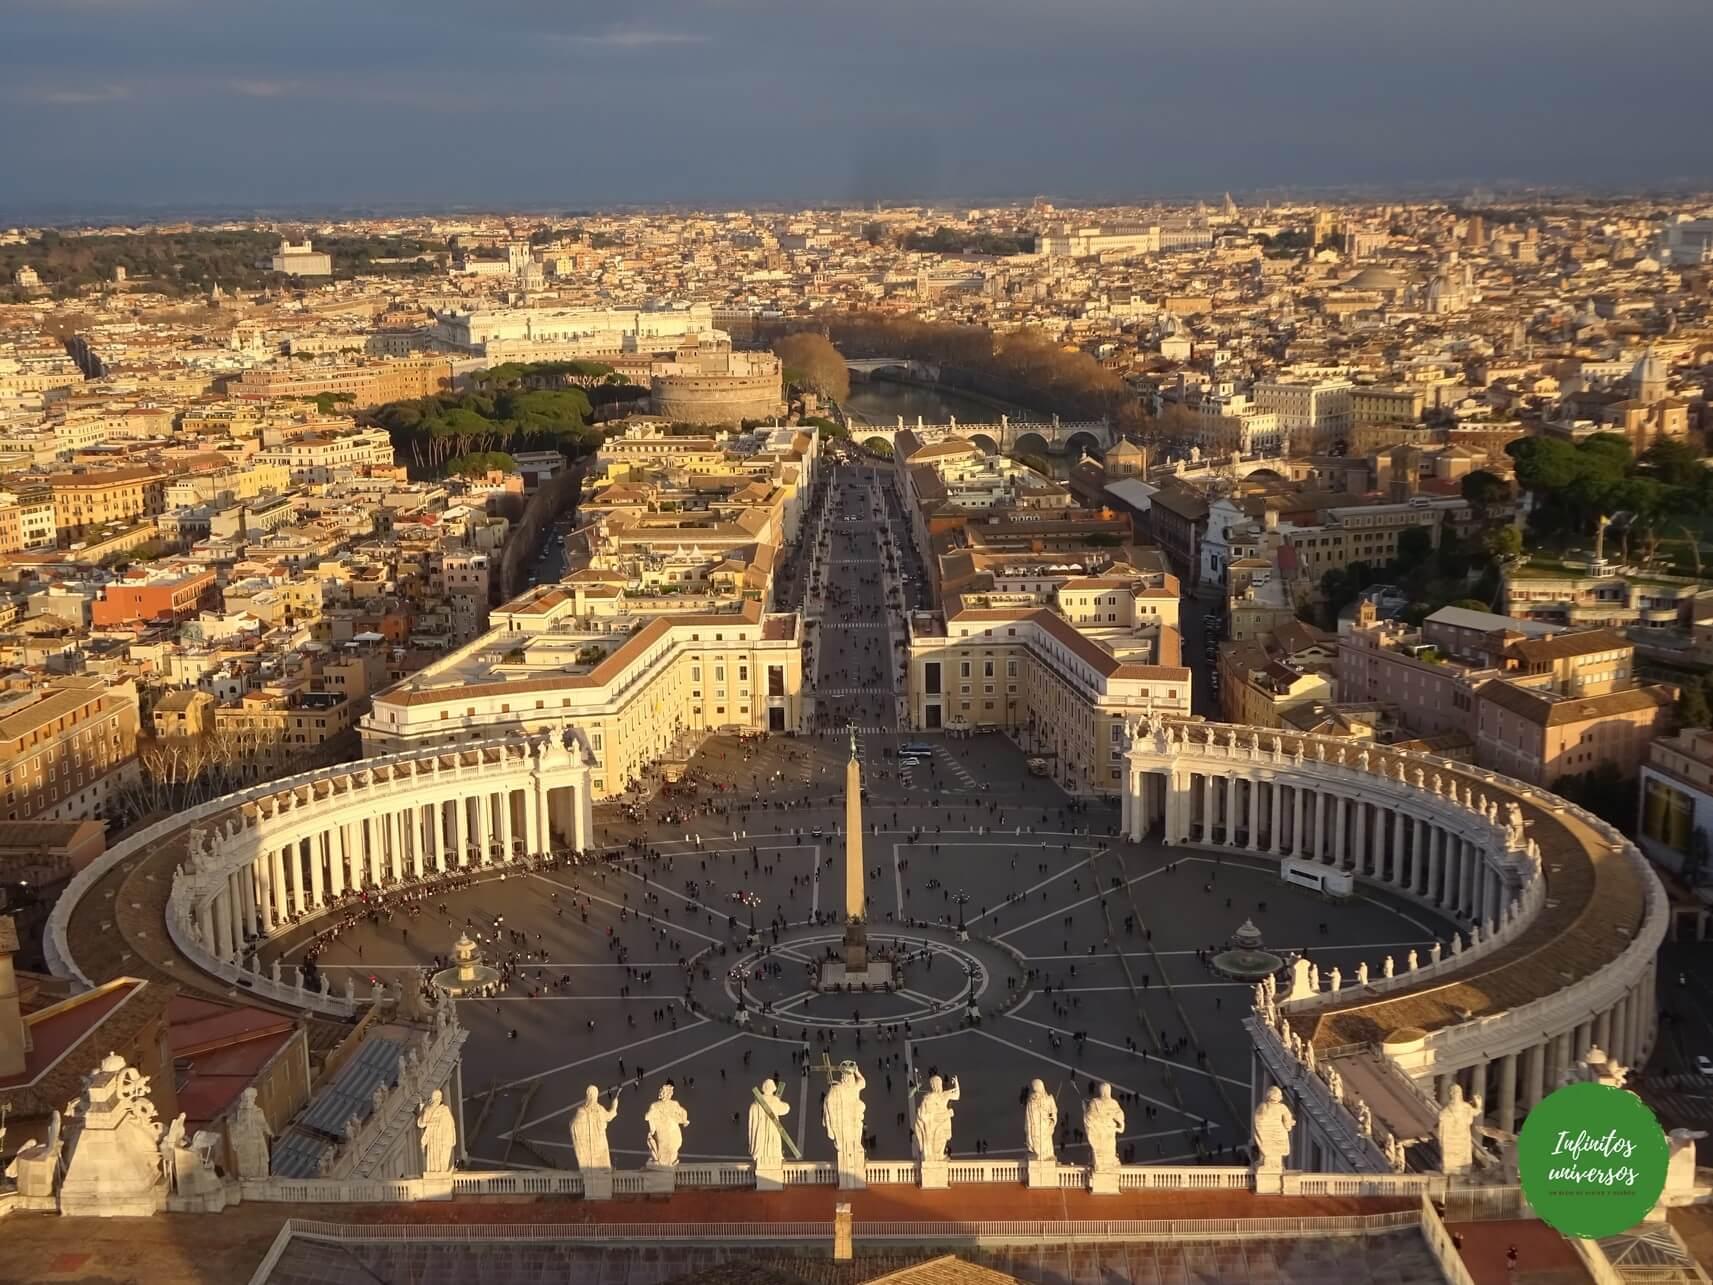 Visita al Vaticano: Basílica y Plaza de San Pedro, Museos Vaticanos y la Capilla Sixtina